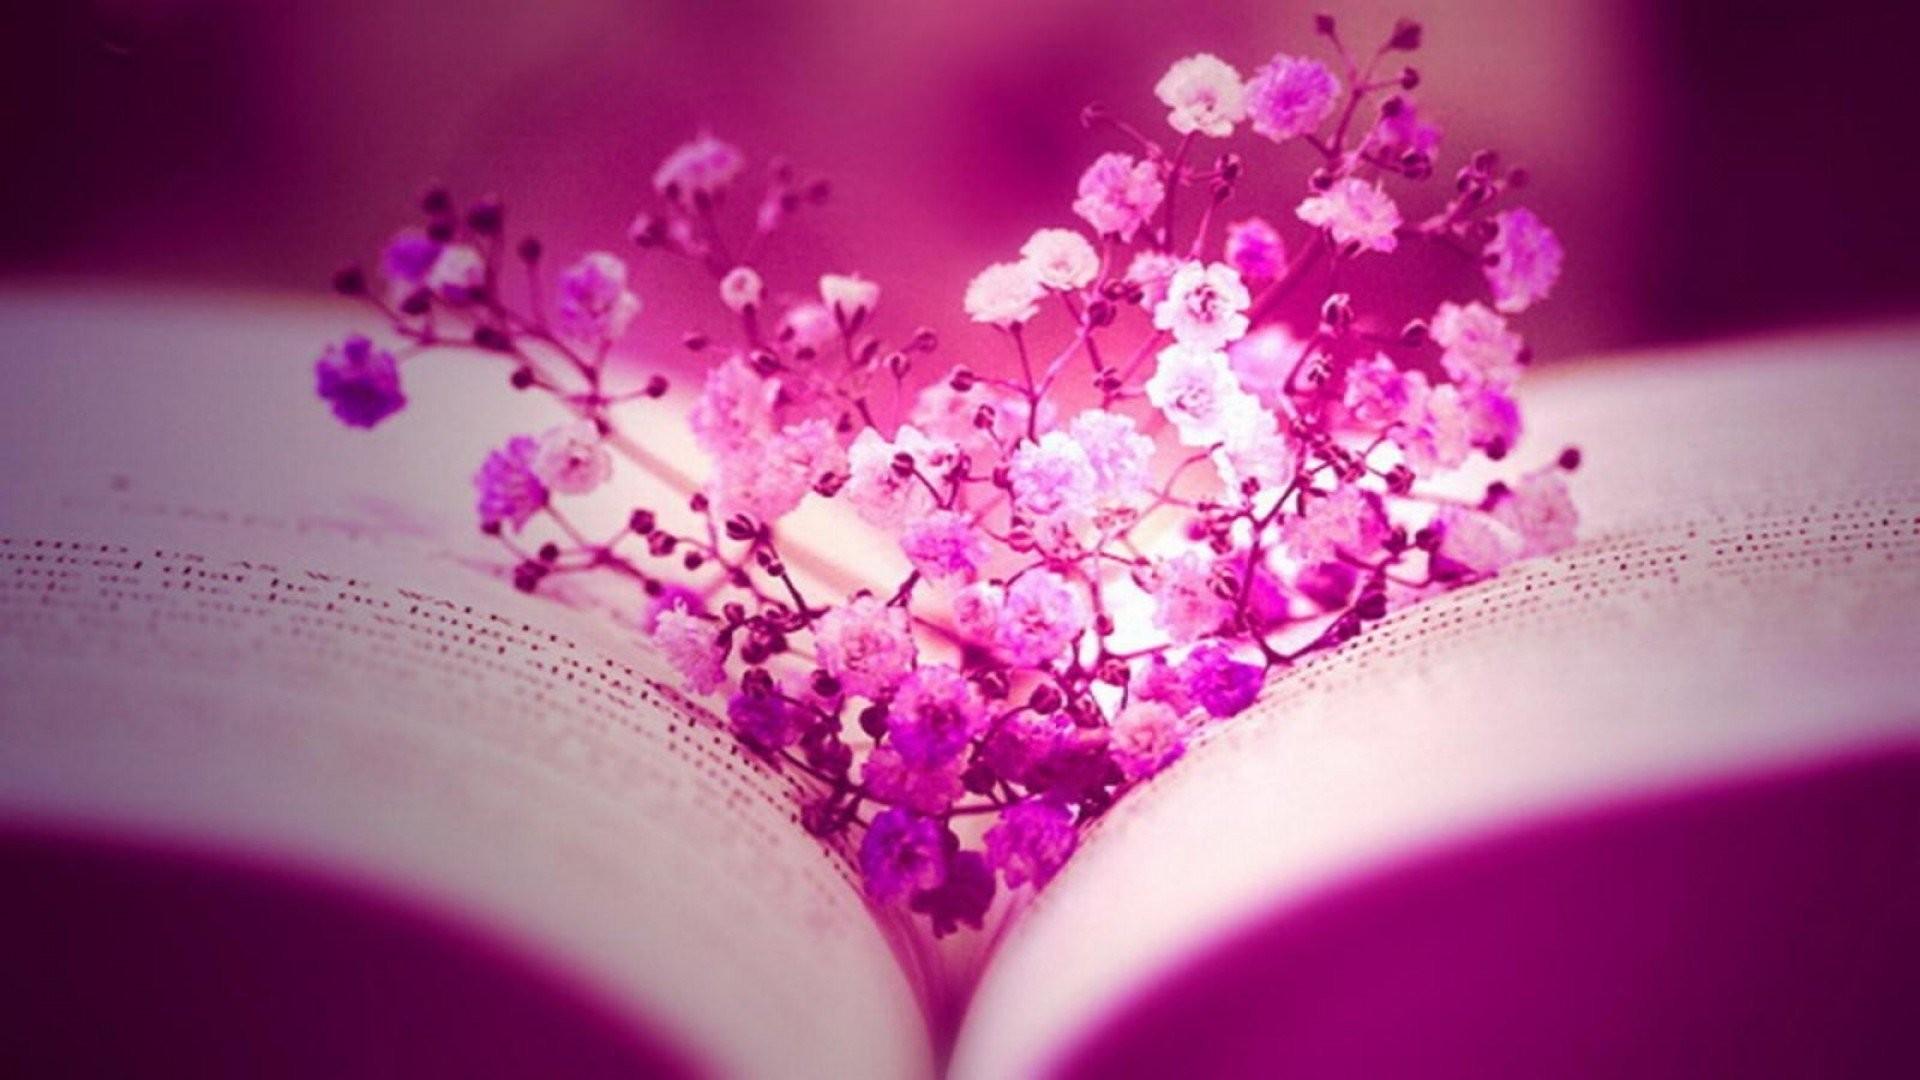 Lovely Pink Flowers Desktop Wallpaper HD